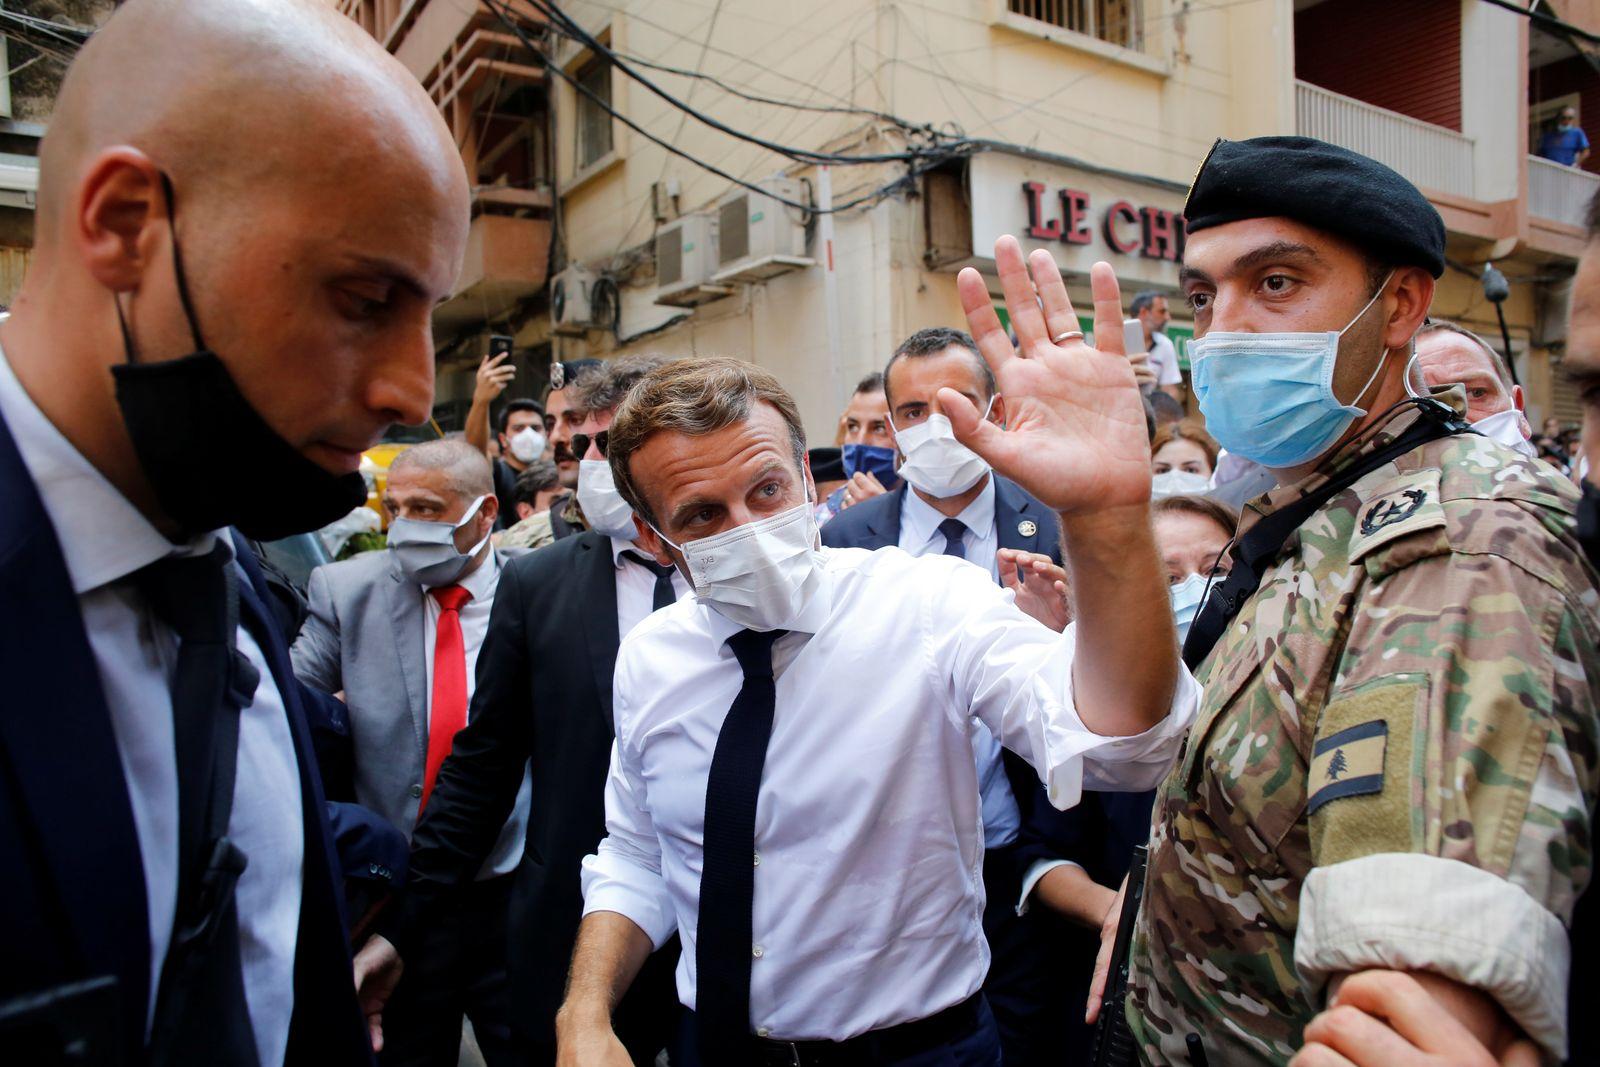 French President Emmanuel Macron visits devastated streets of Beirut